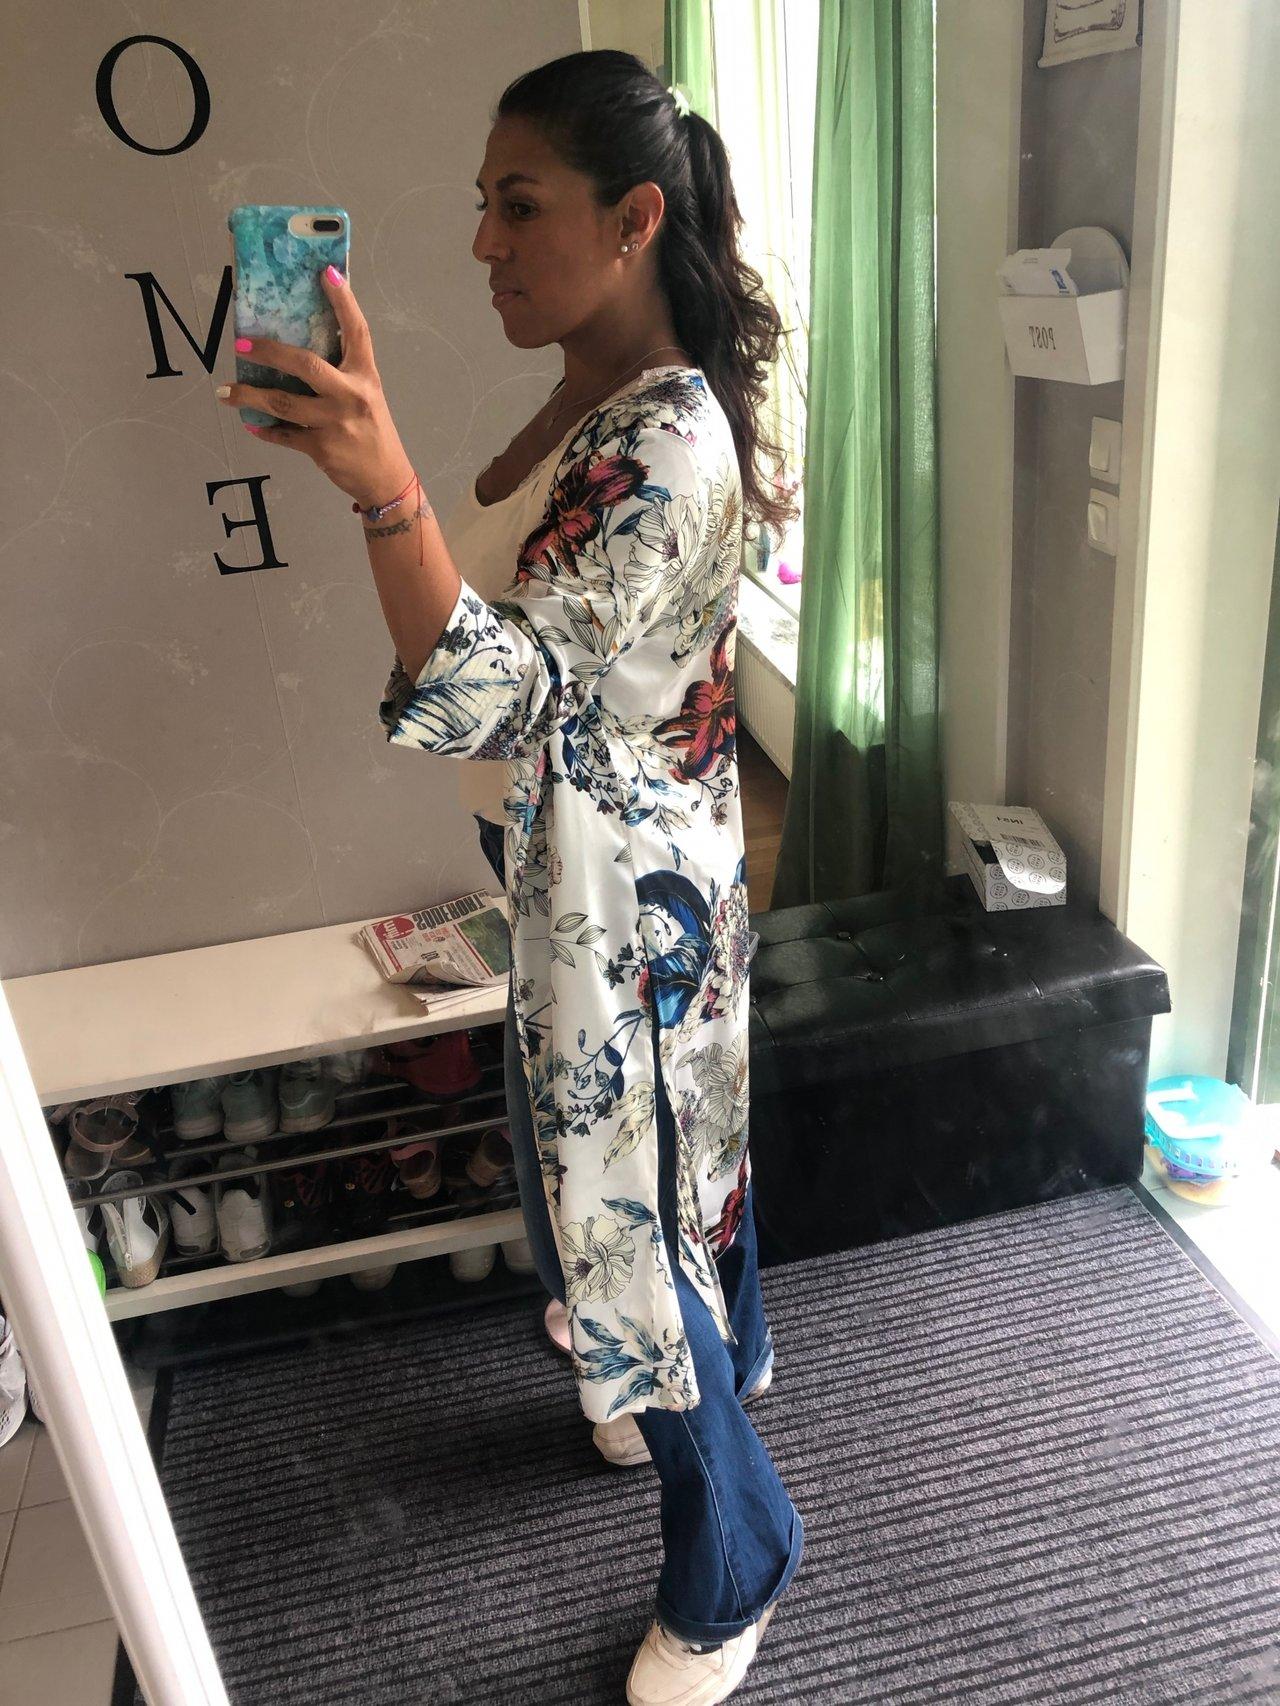 colombiana-woman-shopping-vacker-snygg